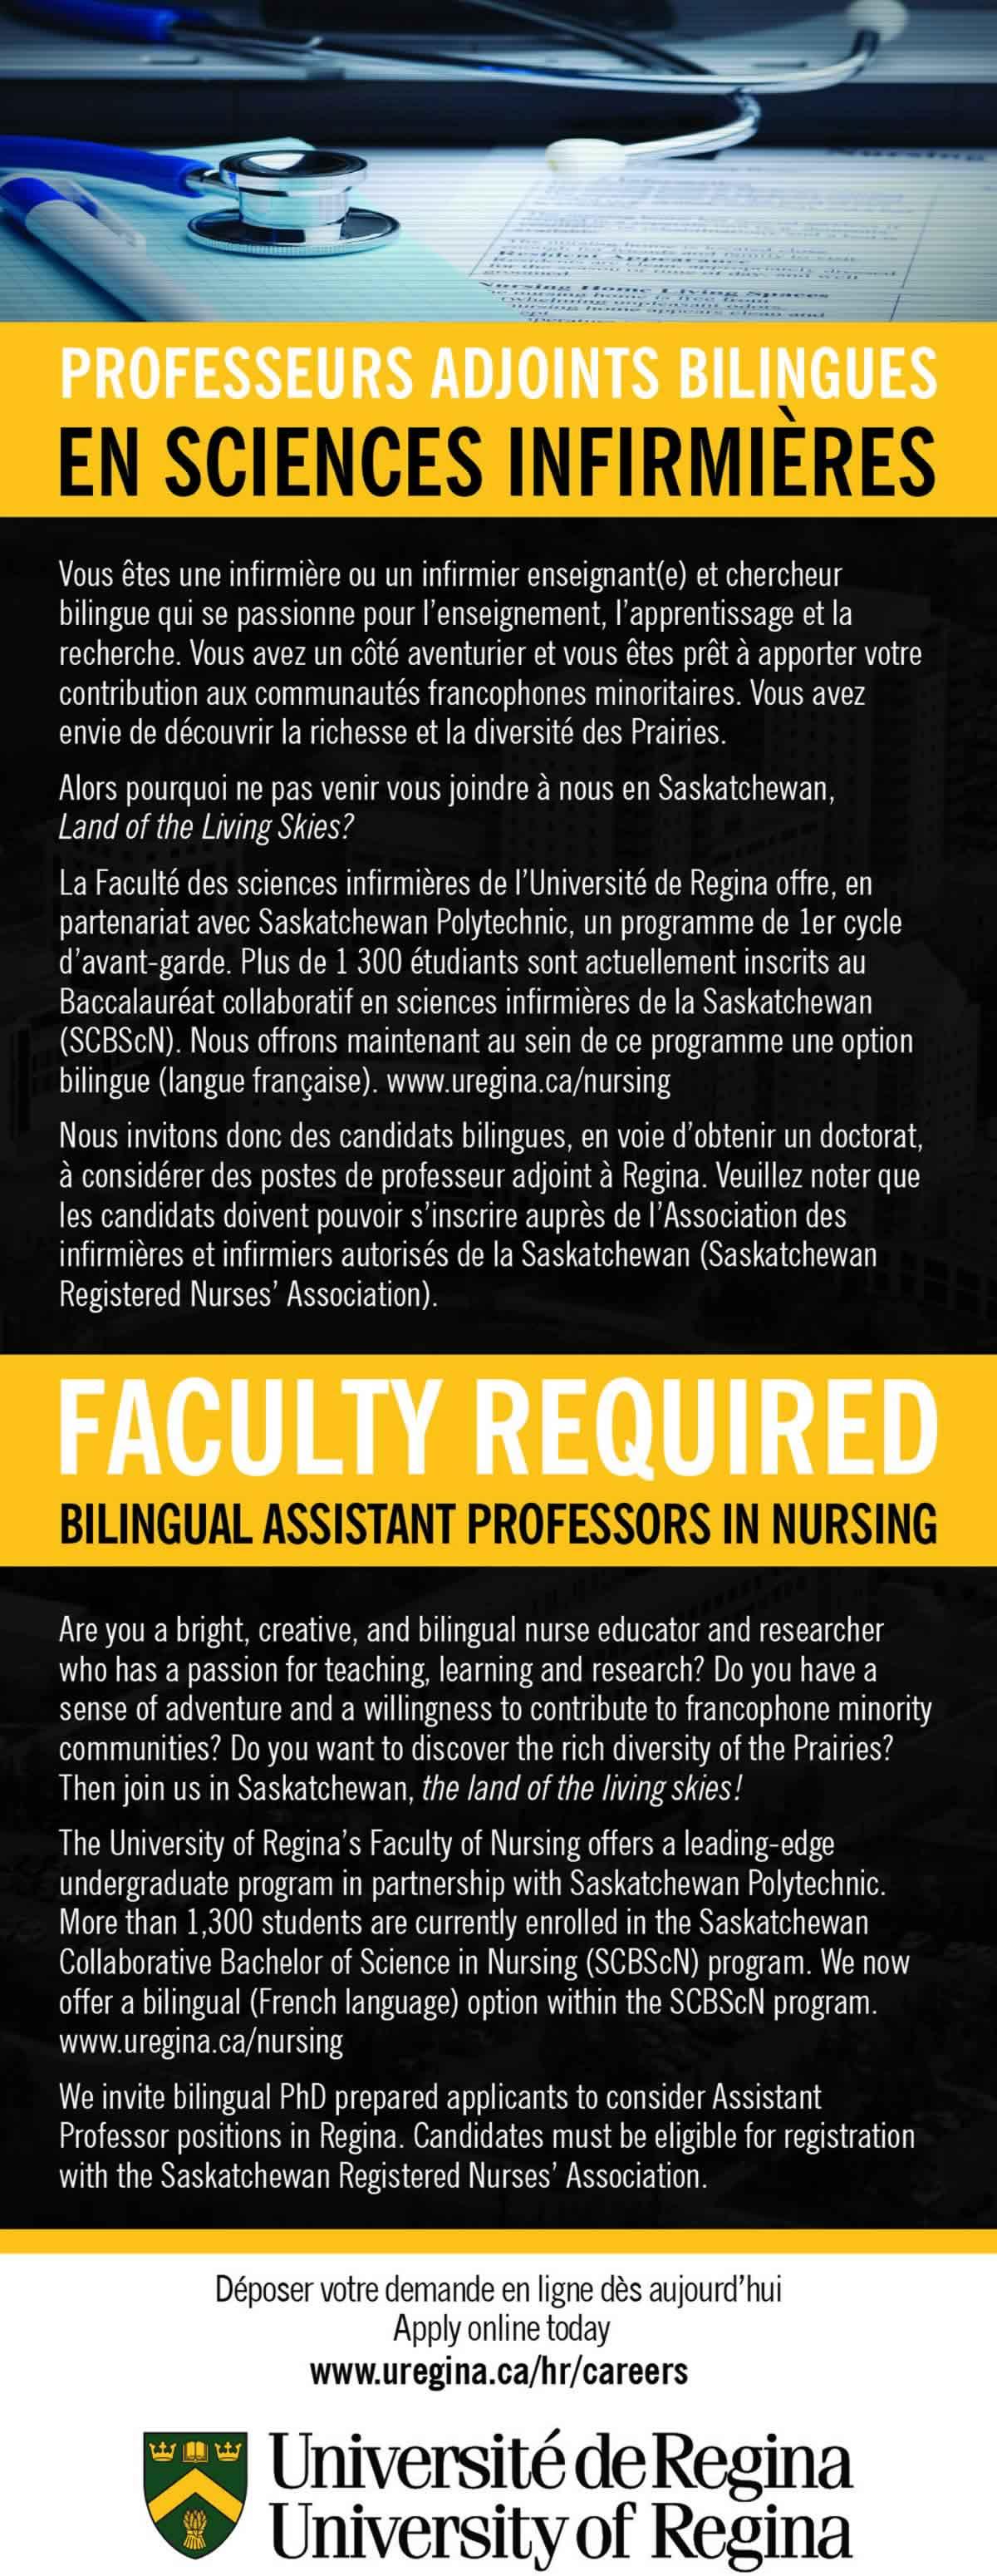 Offre d'emploi: Professeurs adjoints en sciences infirmières